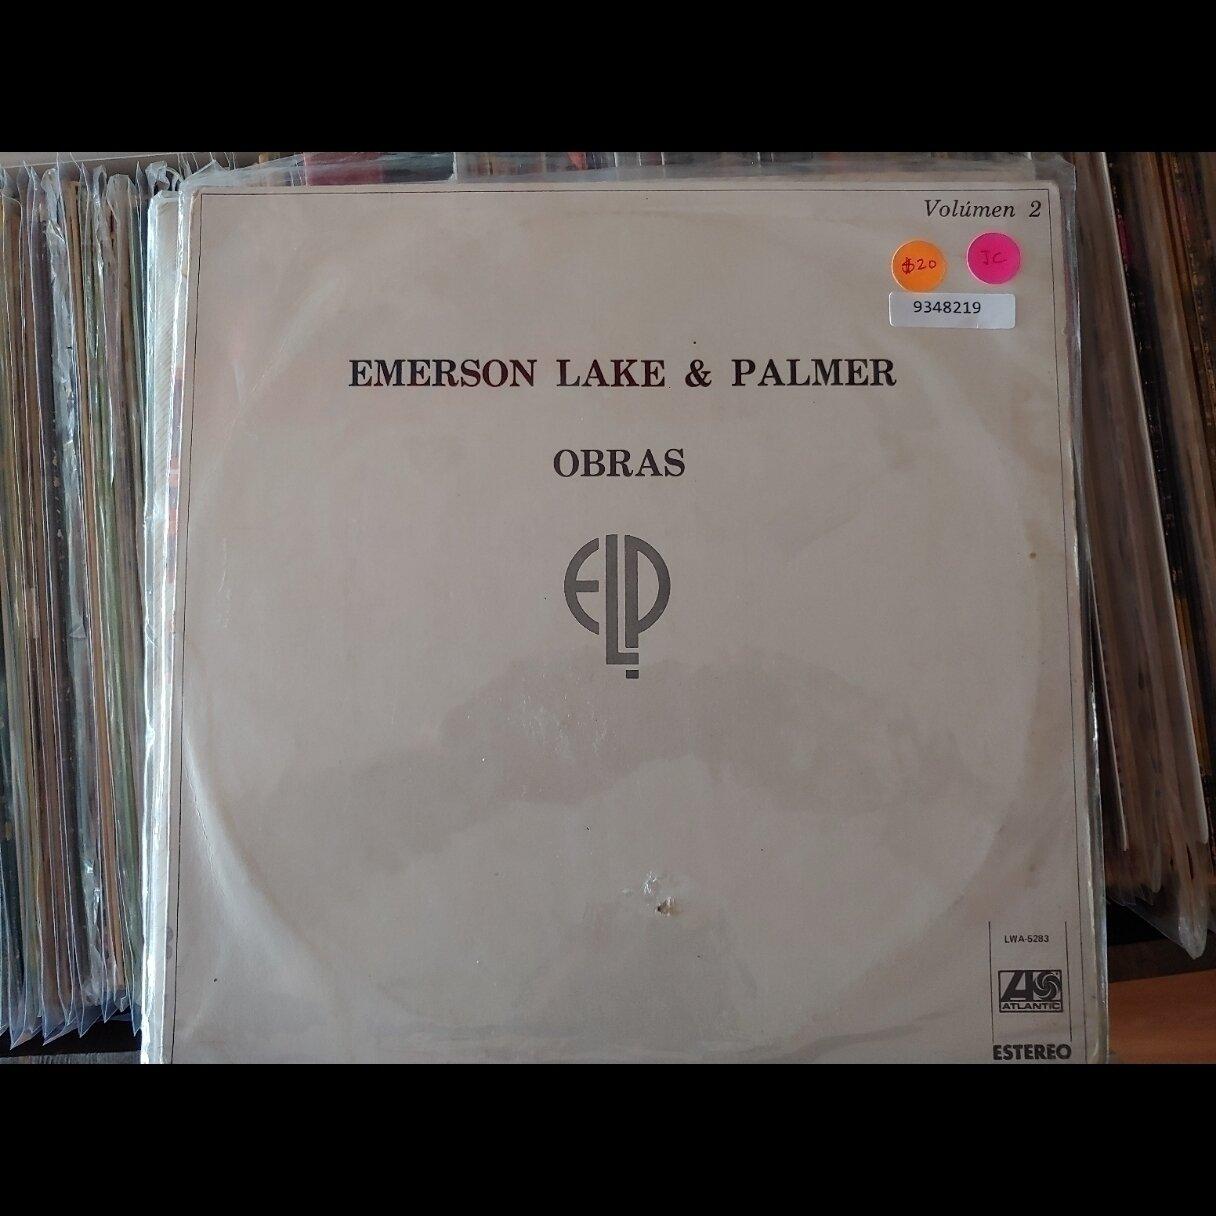 Emerson Lake & Palmer - Obras